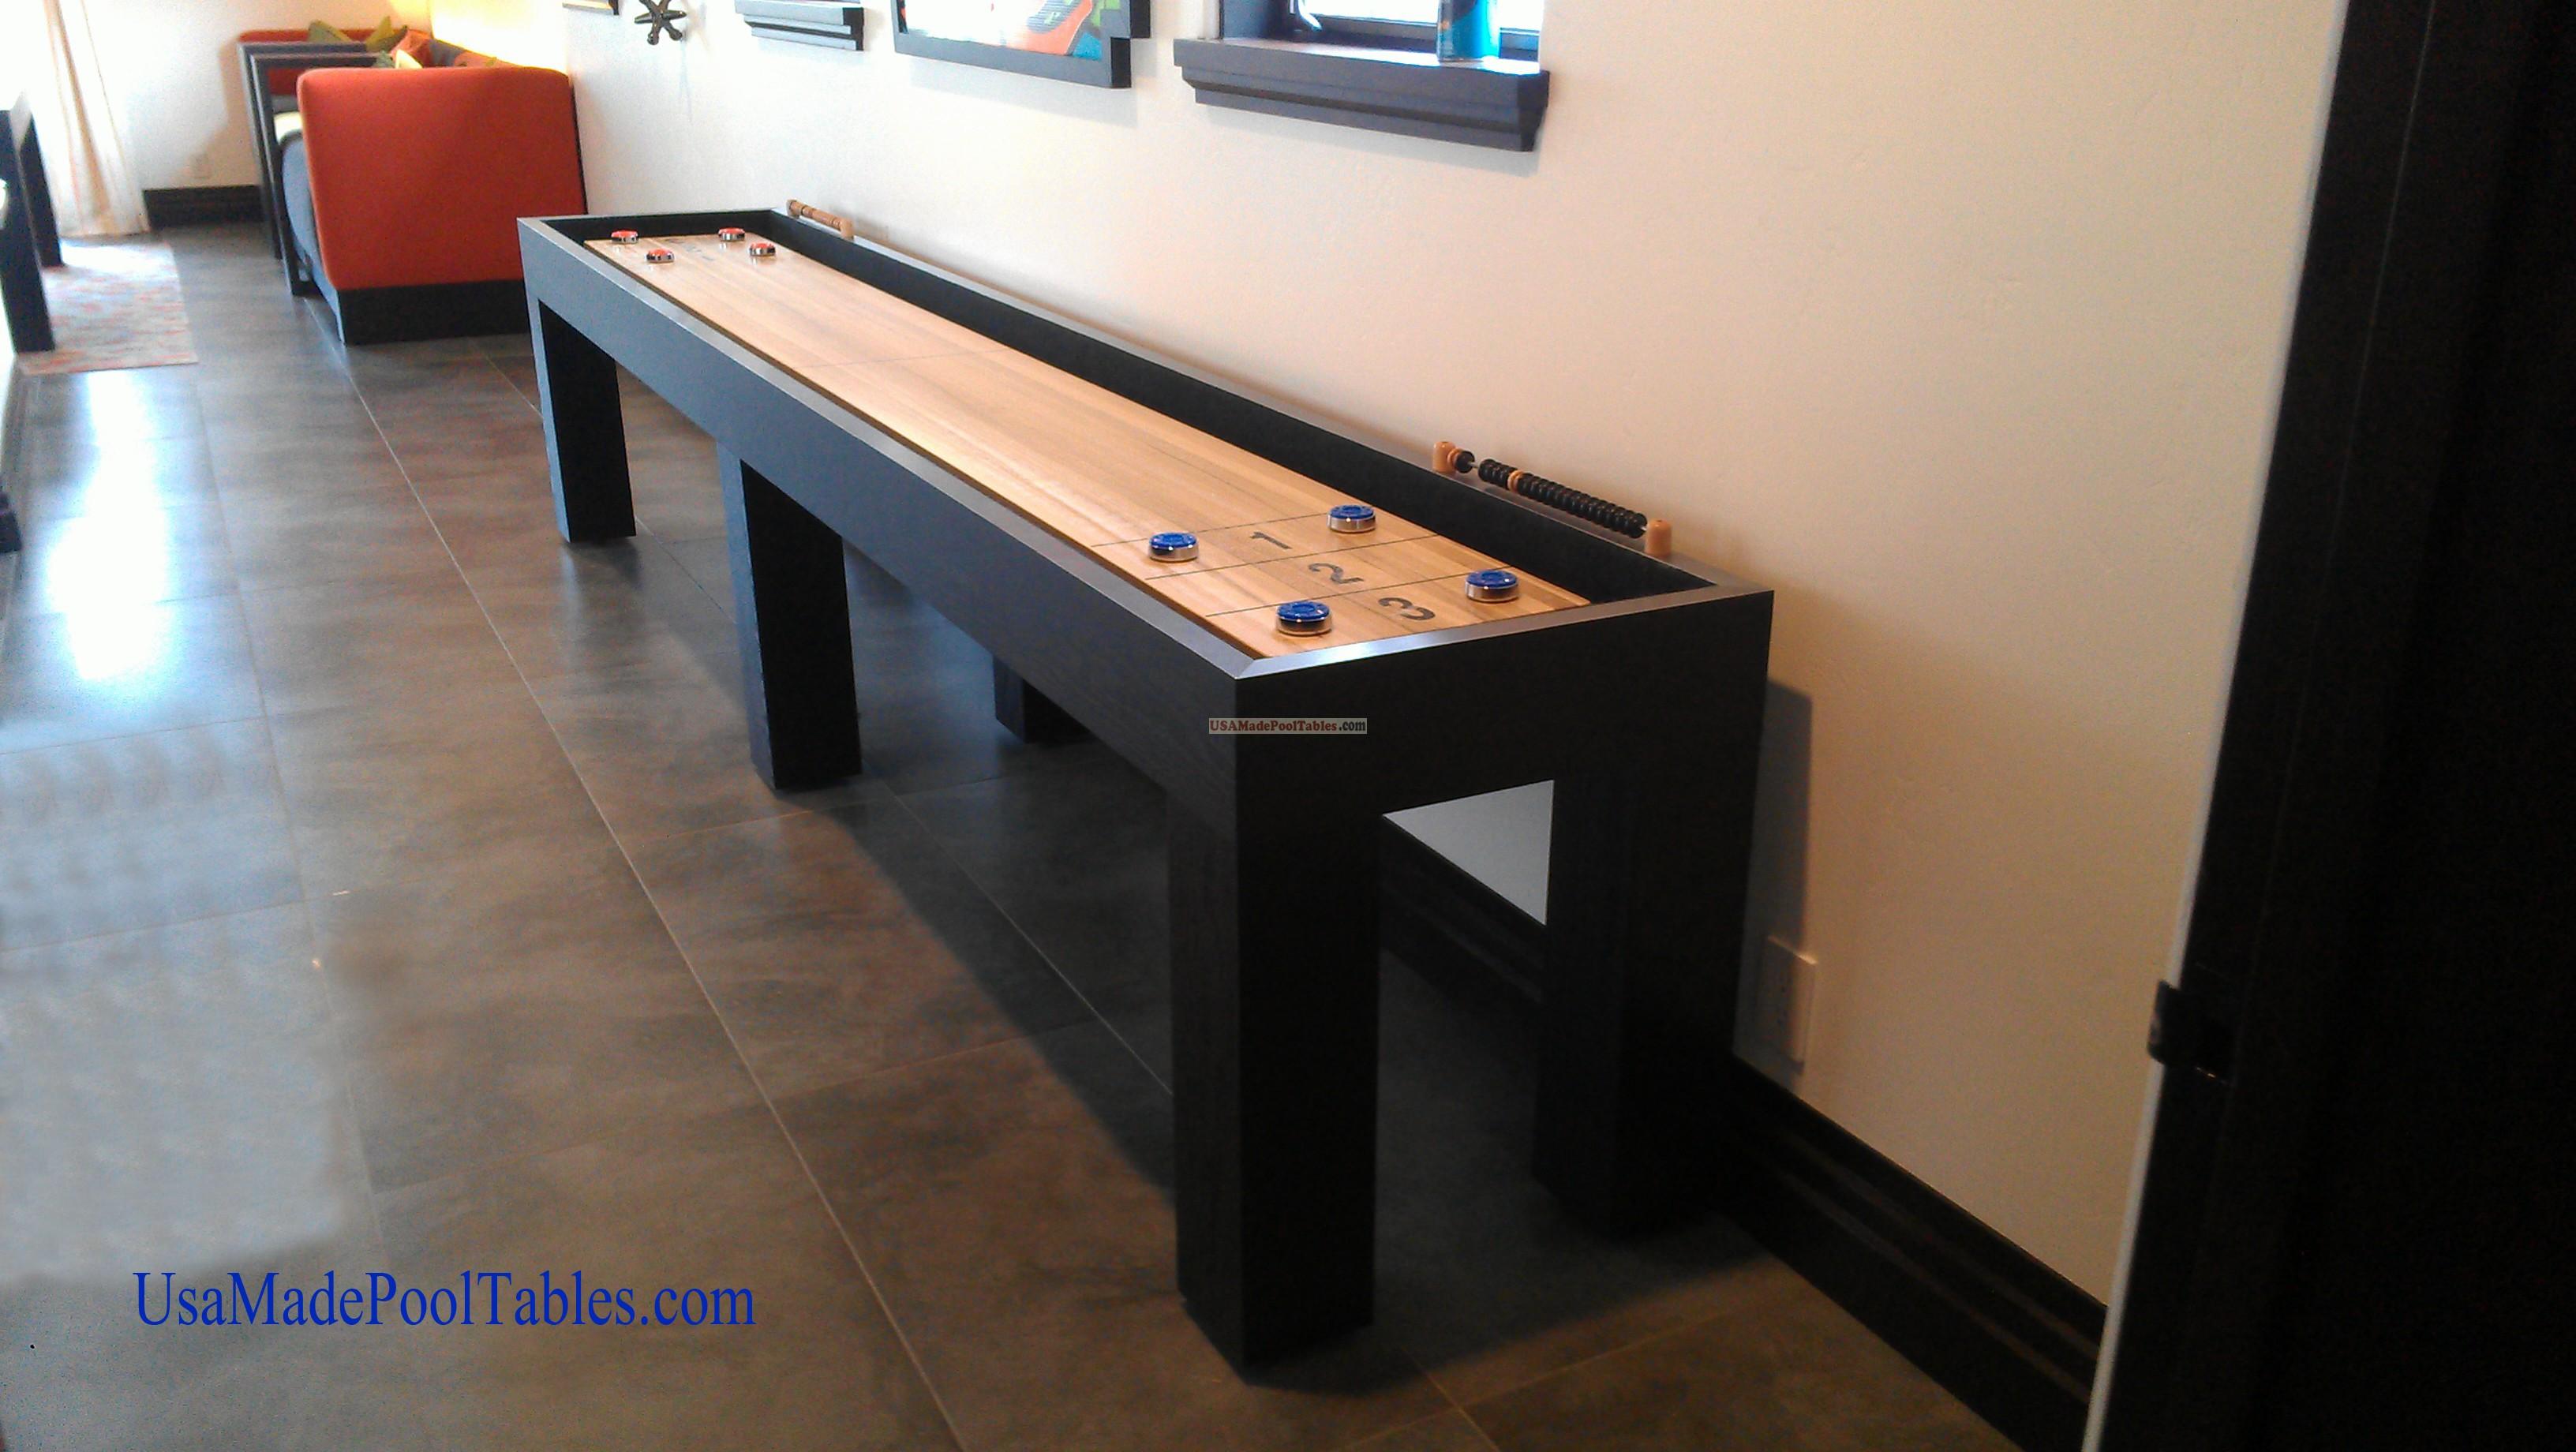 Shuffleboard Table | Table Shuffleboard Scoring | Shuffleboard Length